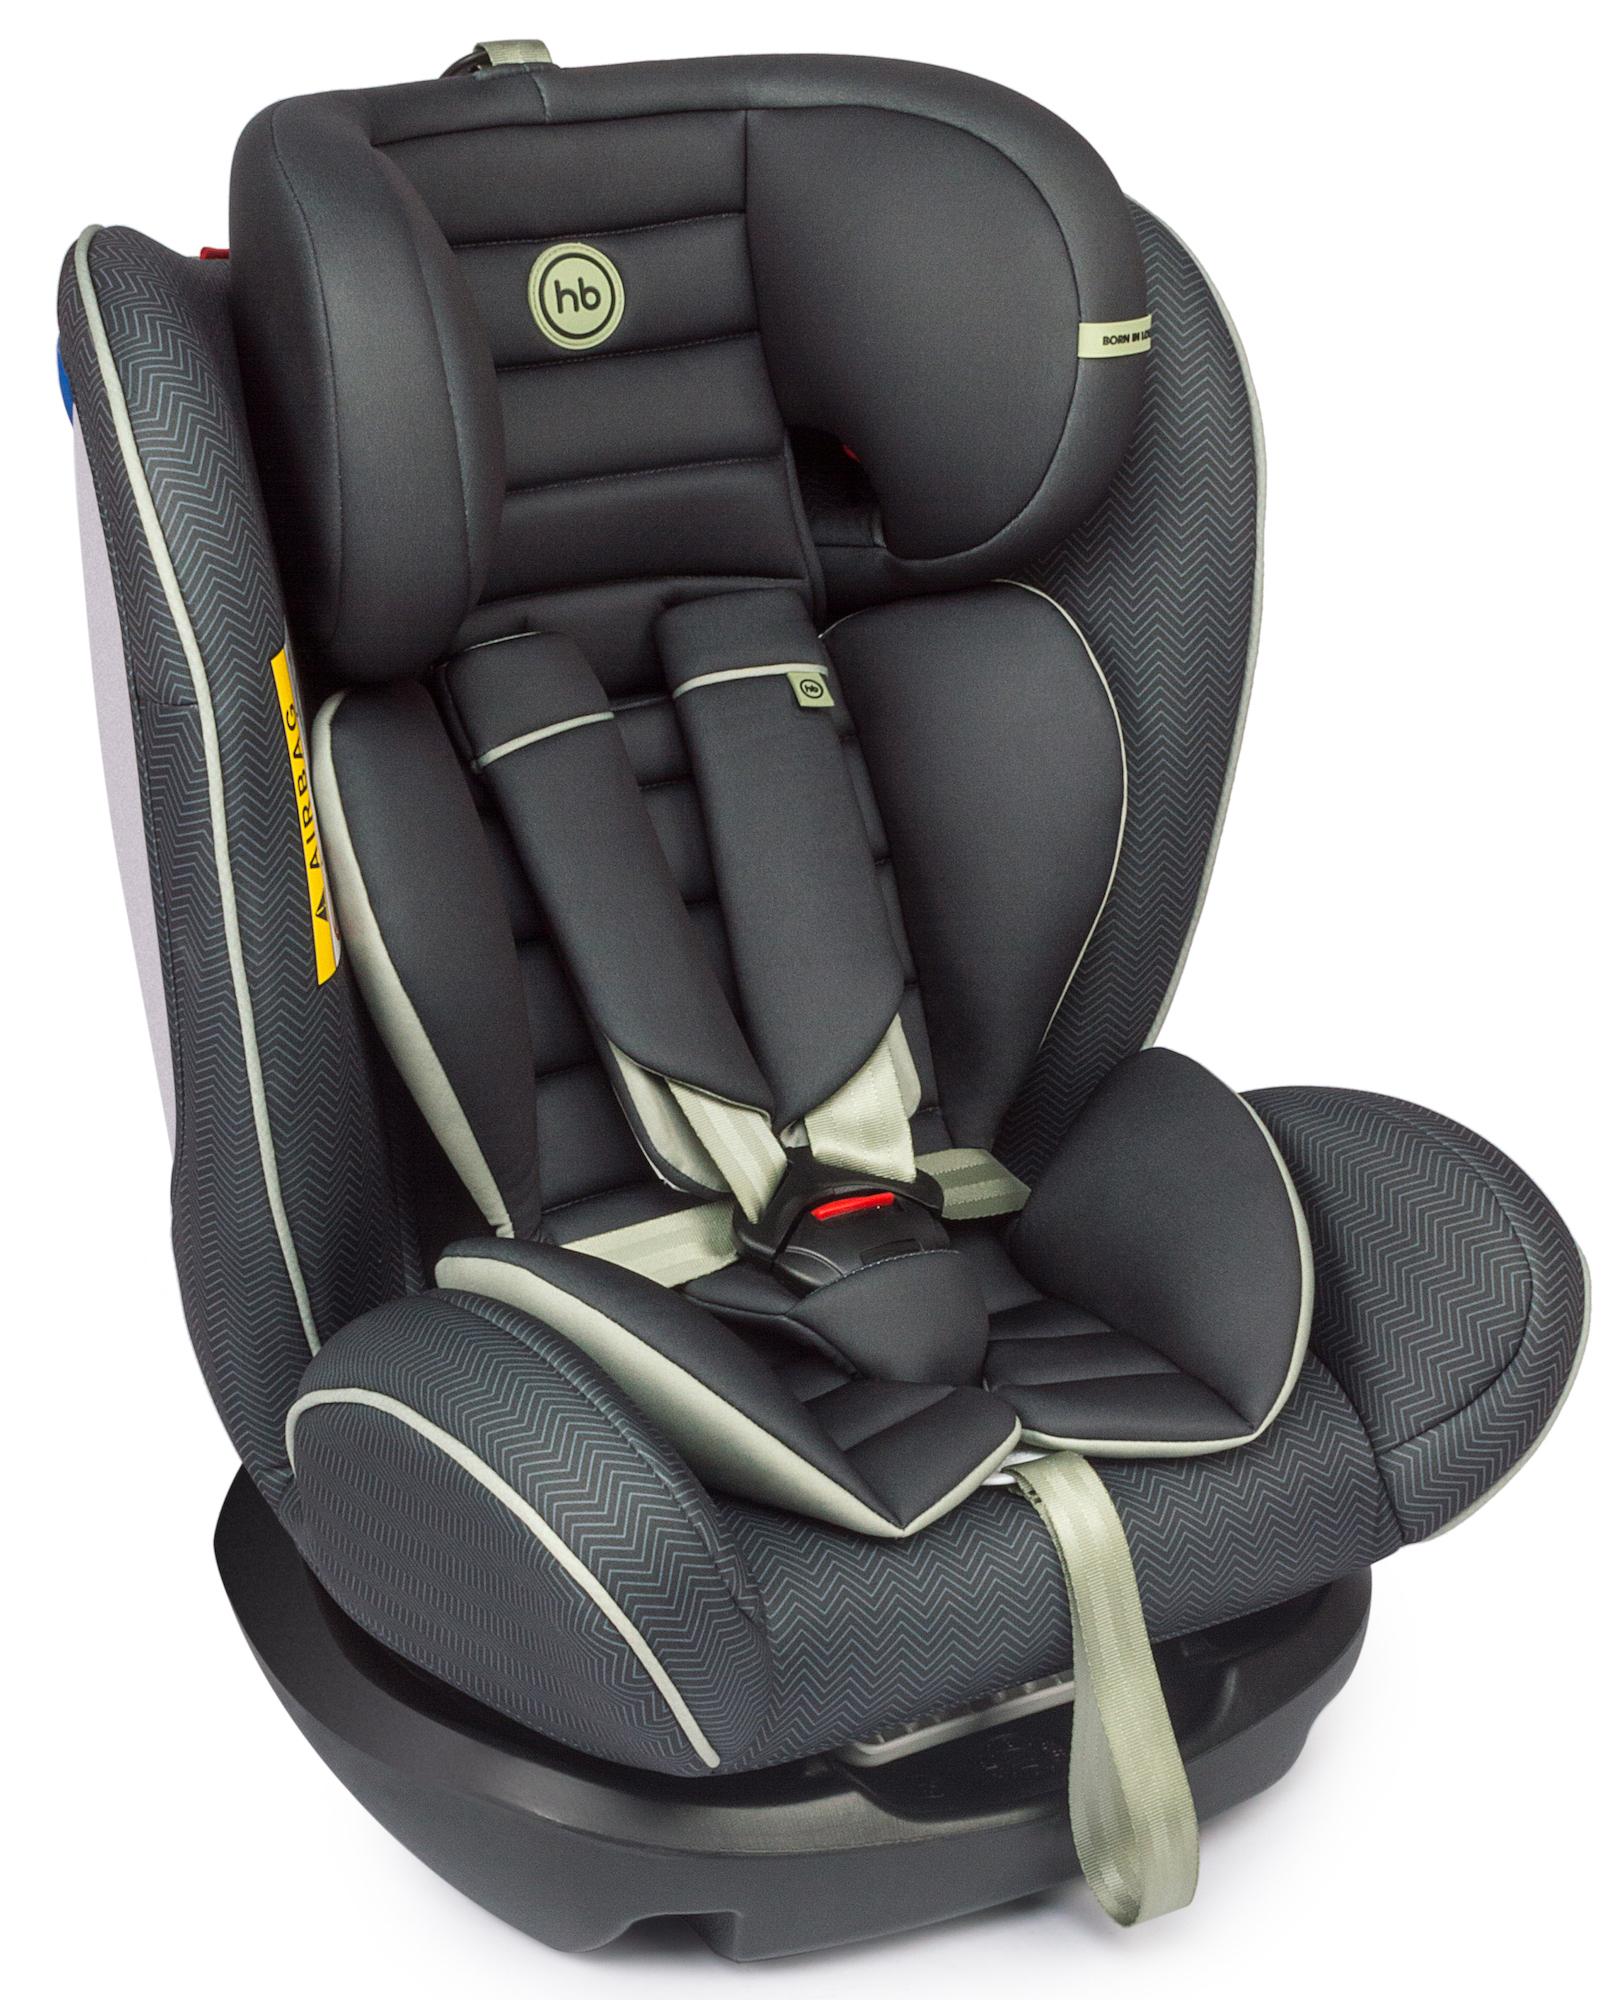 Автокресла группа 1/2/3 (9-36 кг) Happy baby Автокресло Happy Baby «Spector» 0-36 кг. черный автокресло happy baby spector black